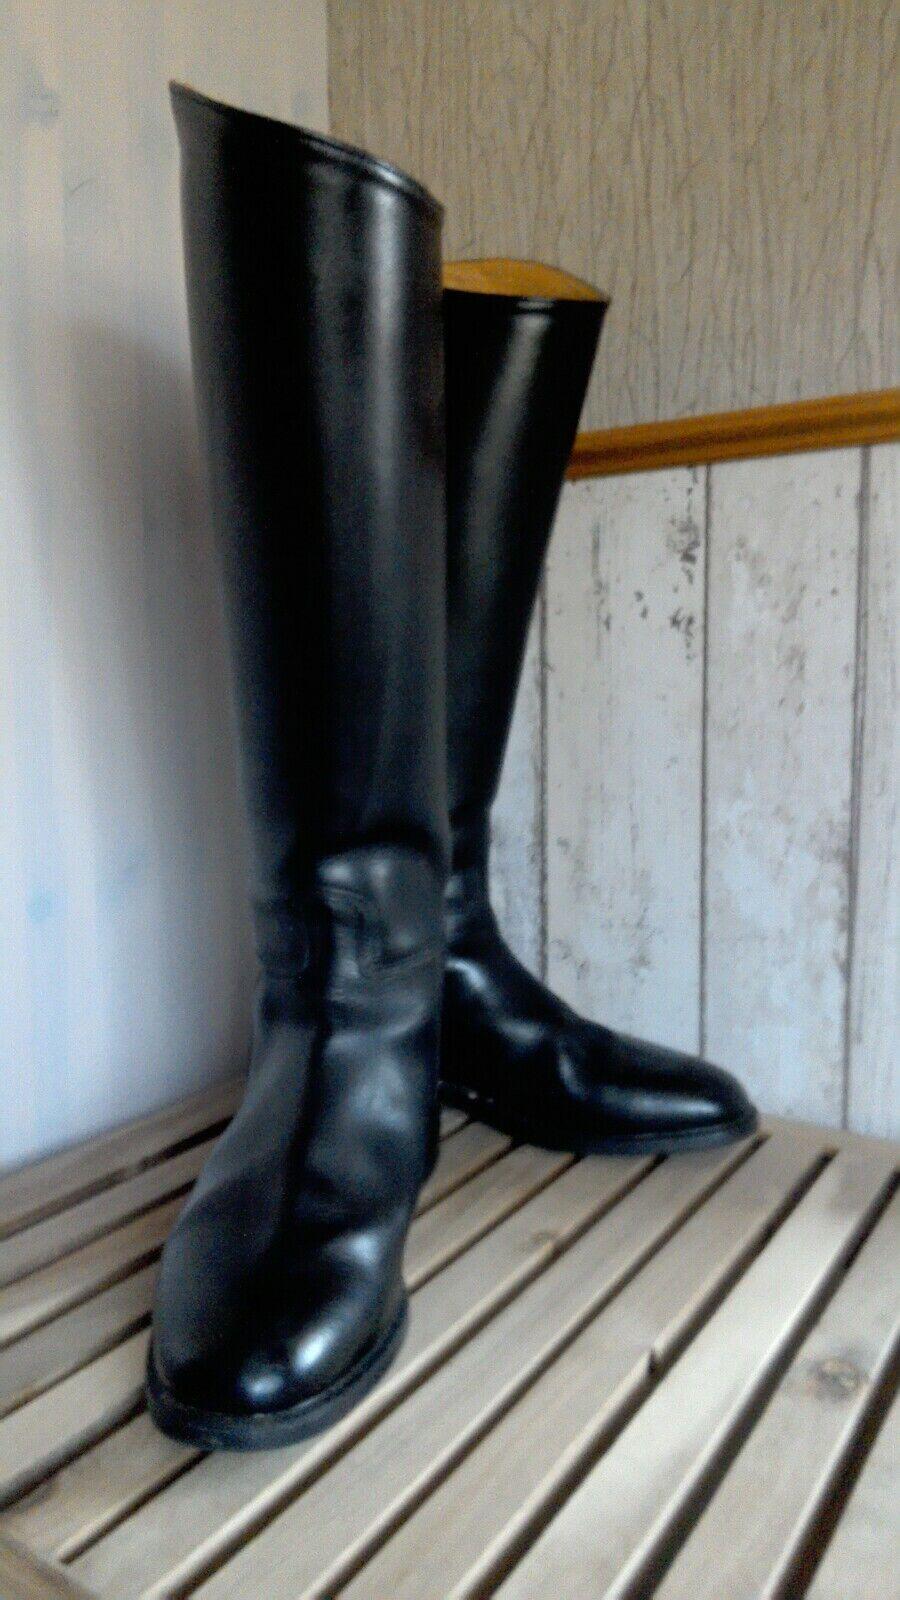 Reitstiefel Gr. 40 6,5   CAVALLO  schwarz  NEUwertig